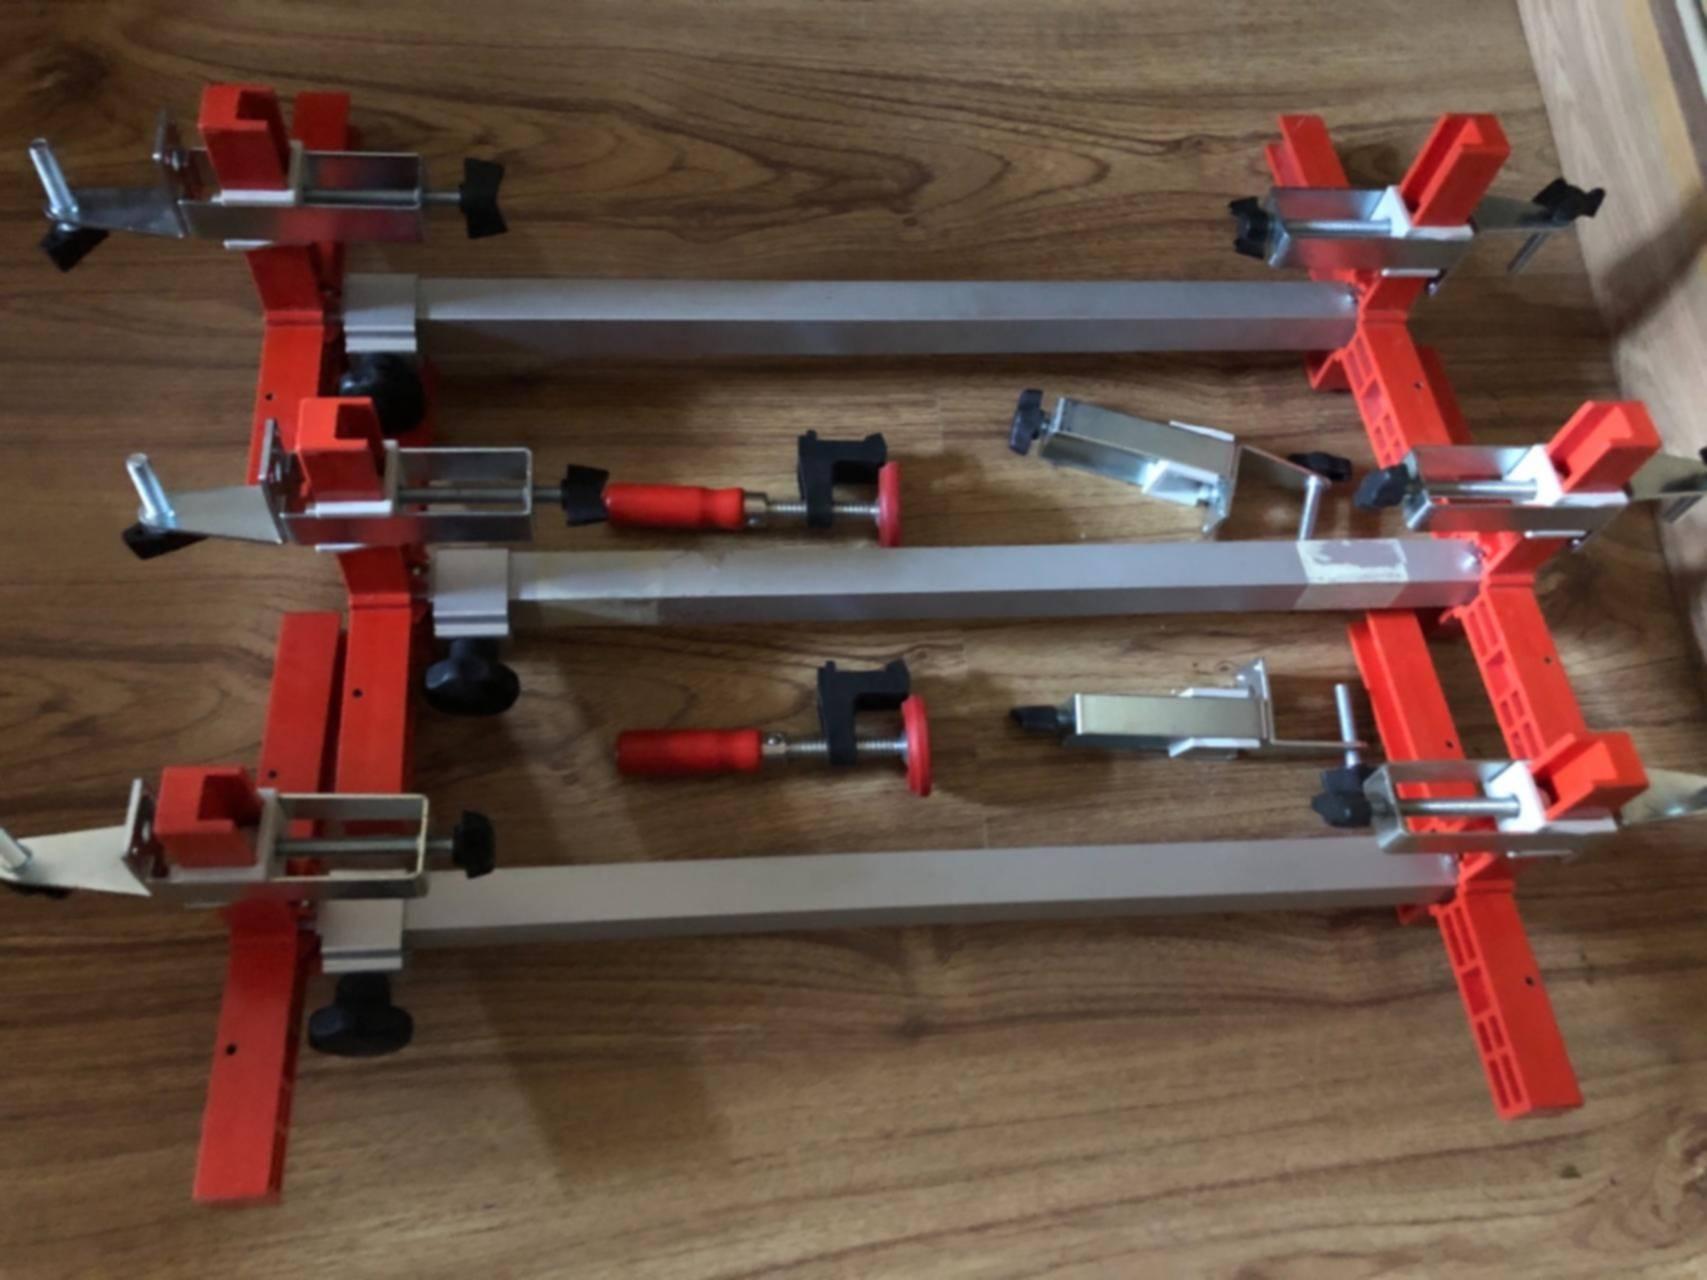 Трубные струбцины: обзор моделей для труб 3/4 на ножках, трубчатых 1/2 и других вариантов. как выбрать?